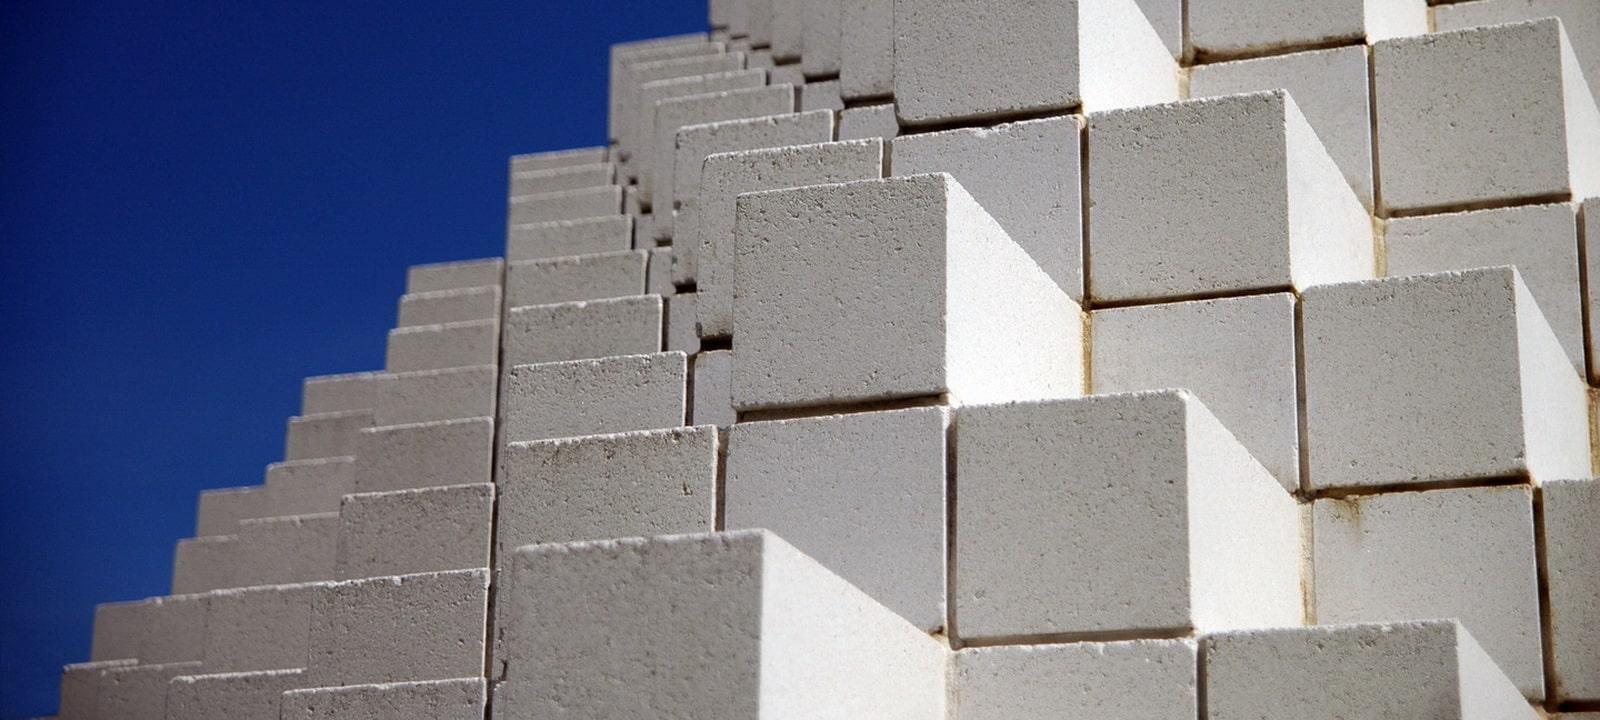 Газоблок - особенности строительного материала